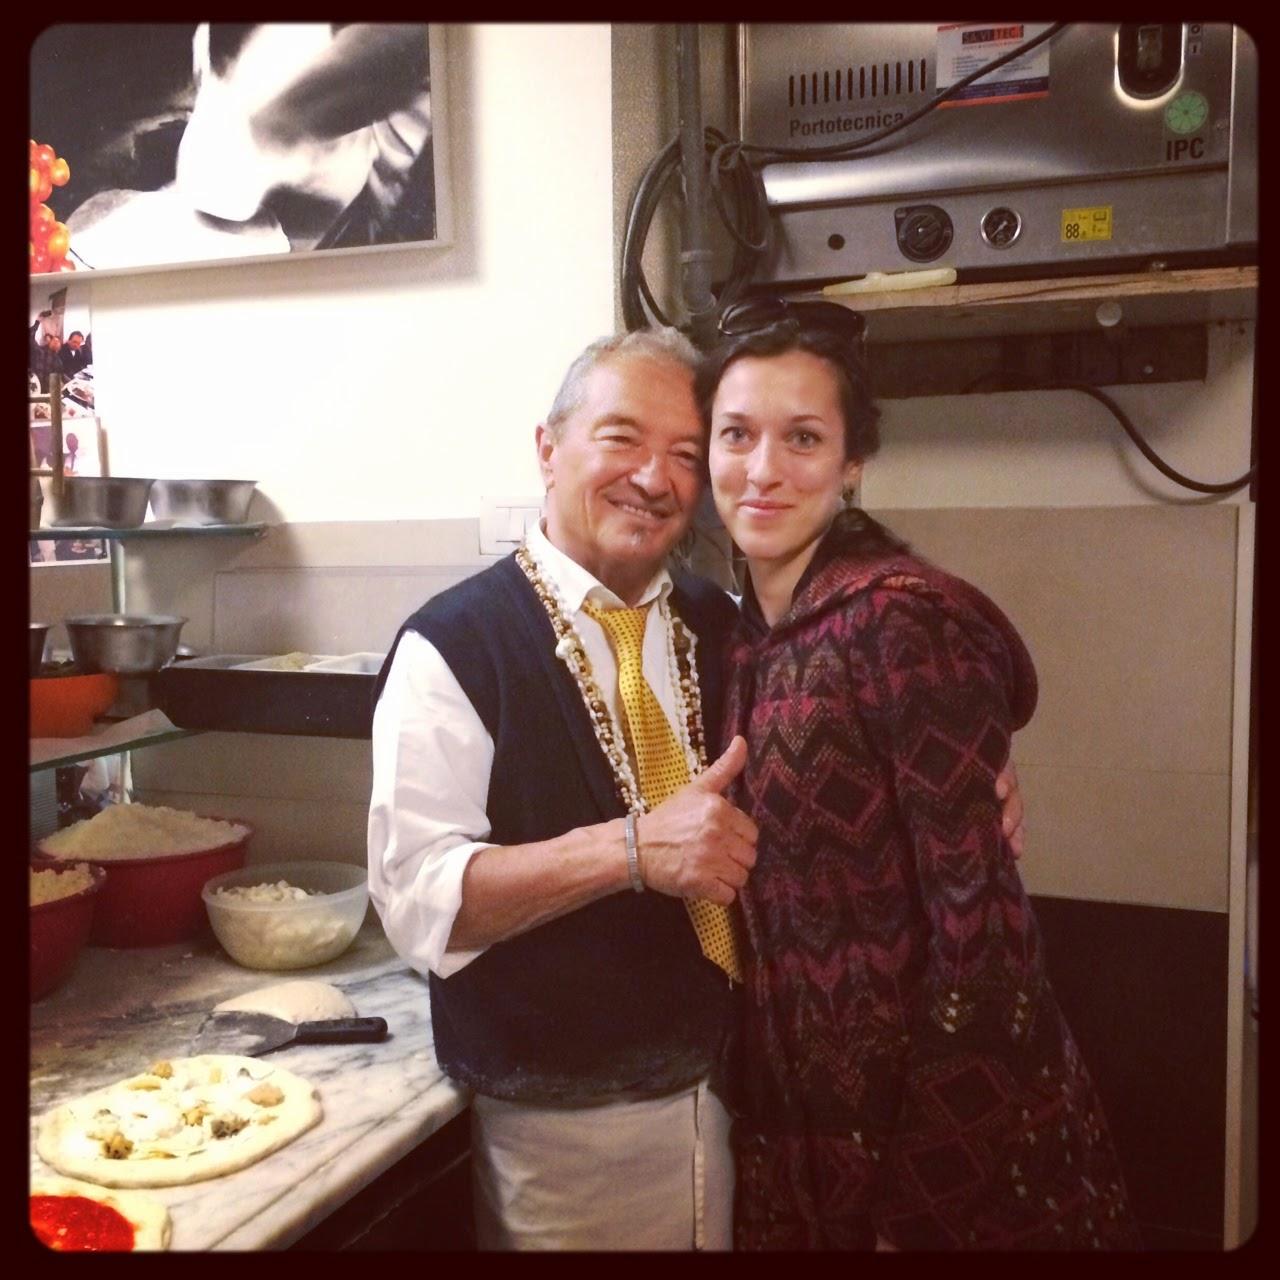 Гастрономическое путешествие в Калабрию – Пицца в Неаполе, Fresco, Альберто Форджионе, Ольга Лаврентьева